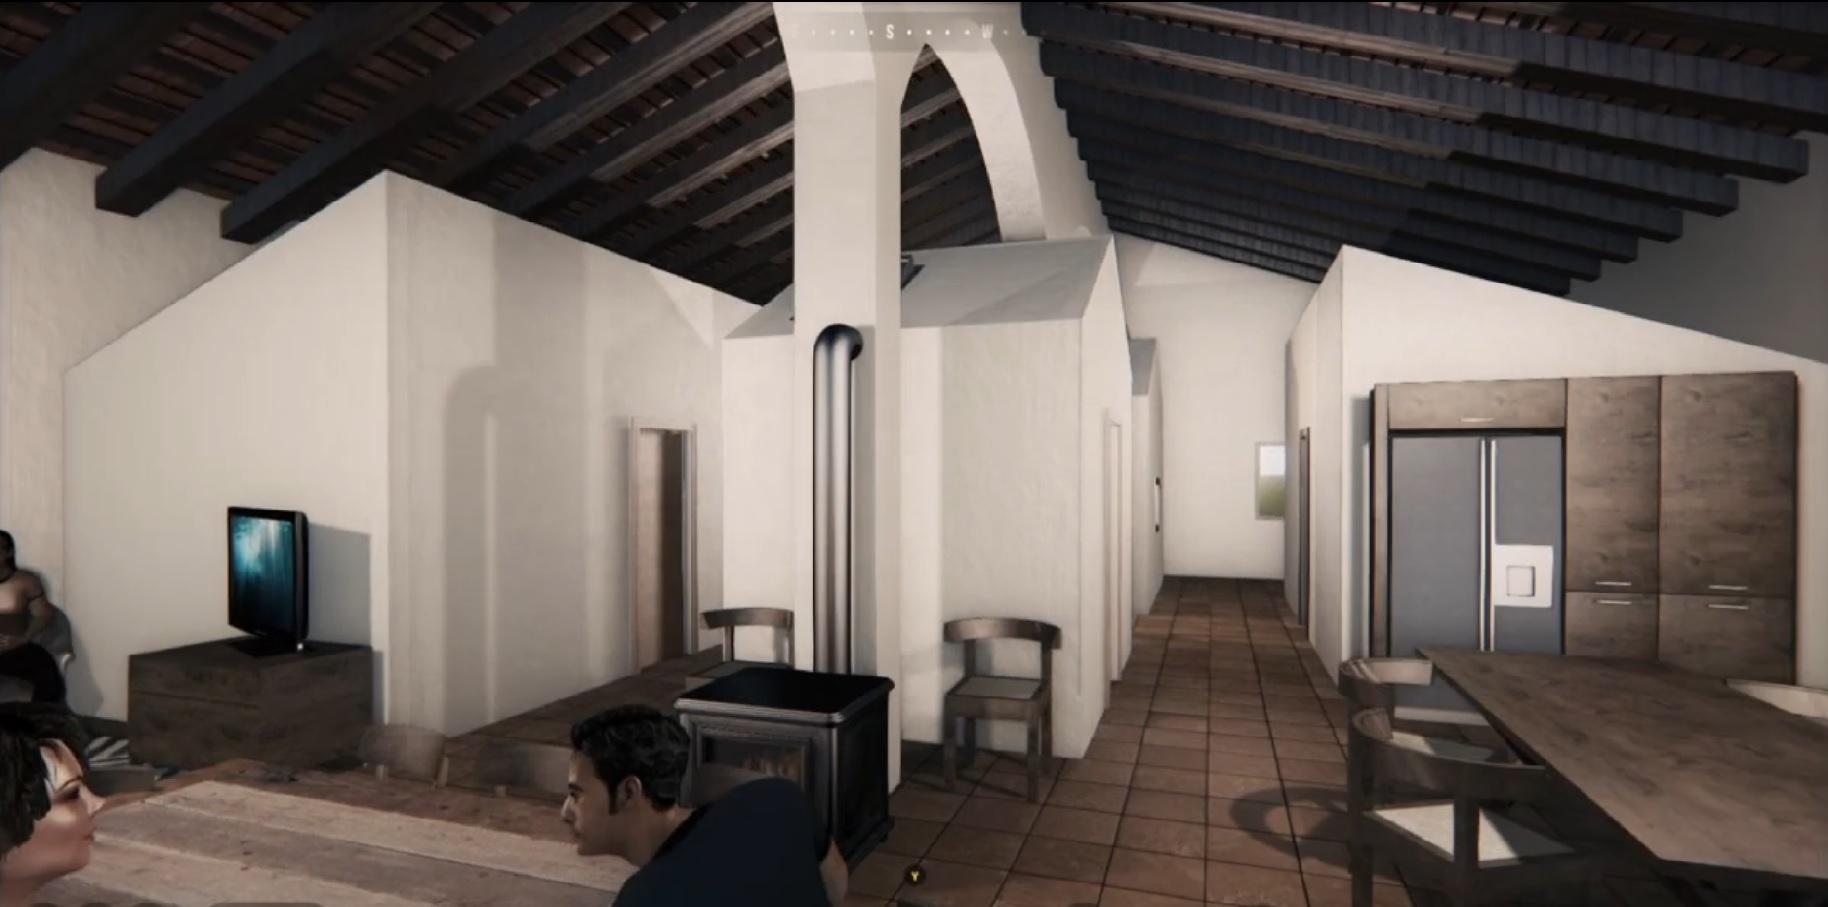 Animación 3d para visualización de propuesta de reforma de bodega a bar restaurante y Hostel